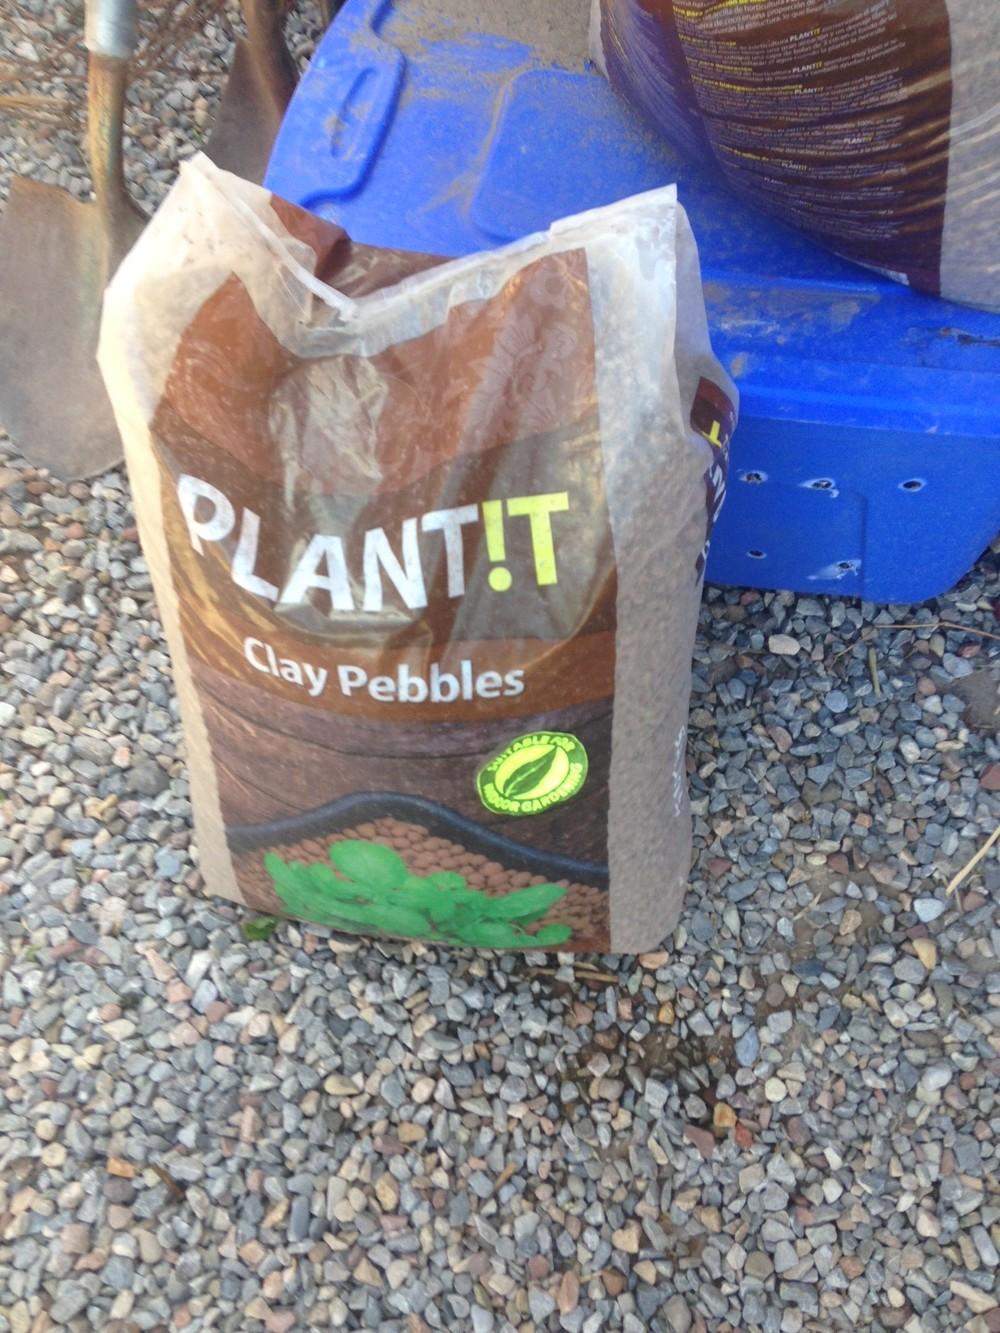 Clay Pebbles Bag